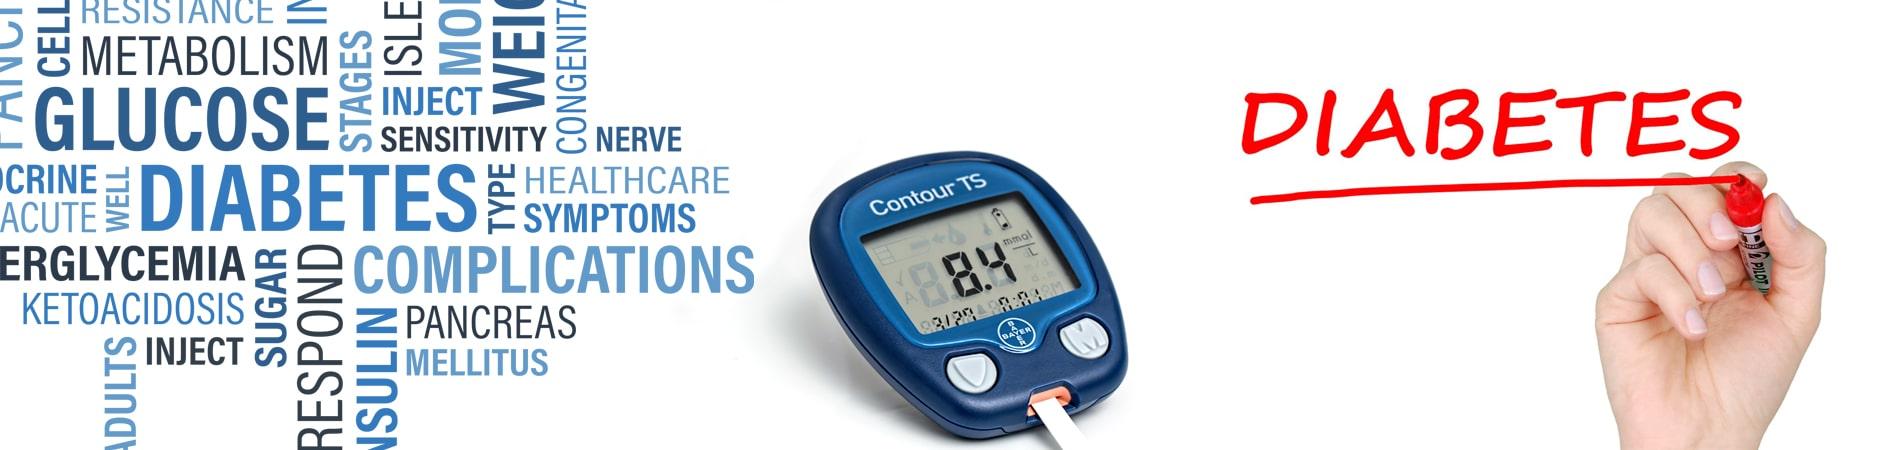 Die meisten Menschen mit Diabetes leben in China, Indien und den USA.